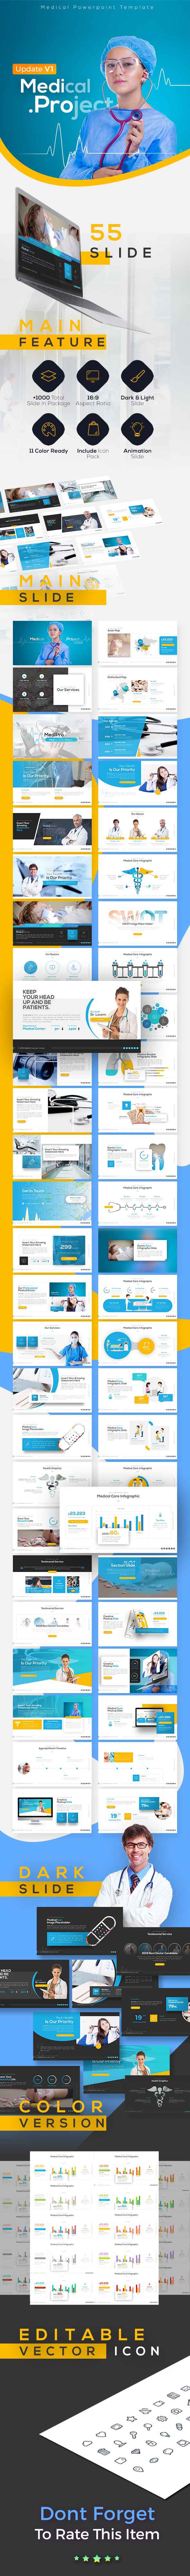 Medipro Medical Presentation Template - PowerPoint Templates Presentation Templates